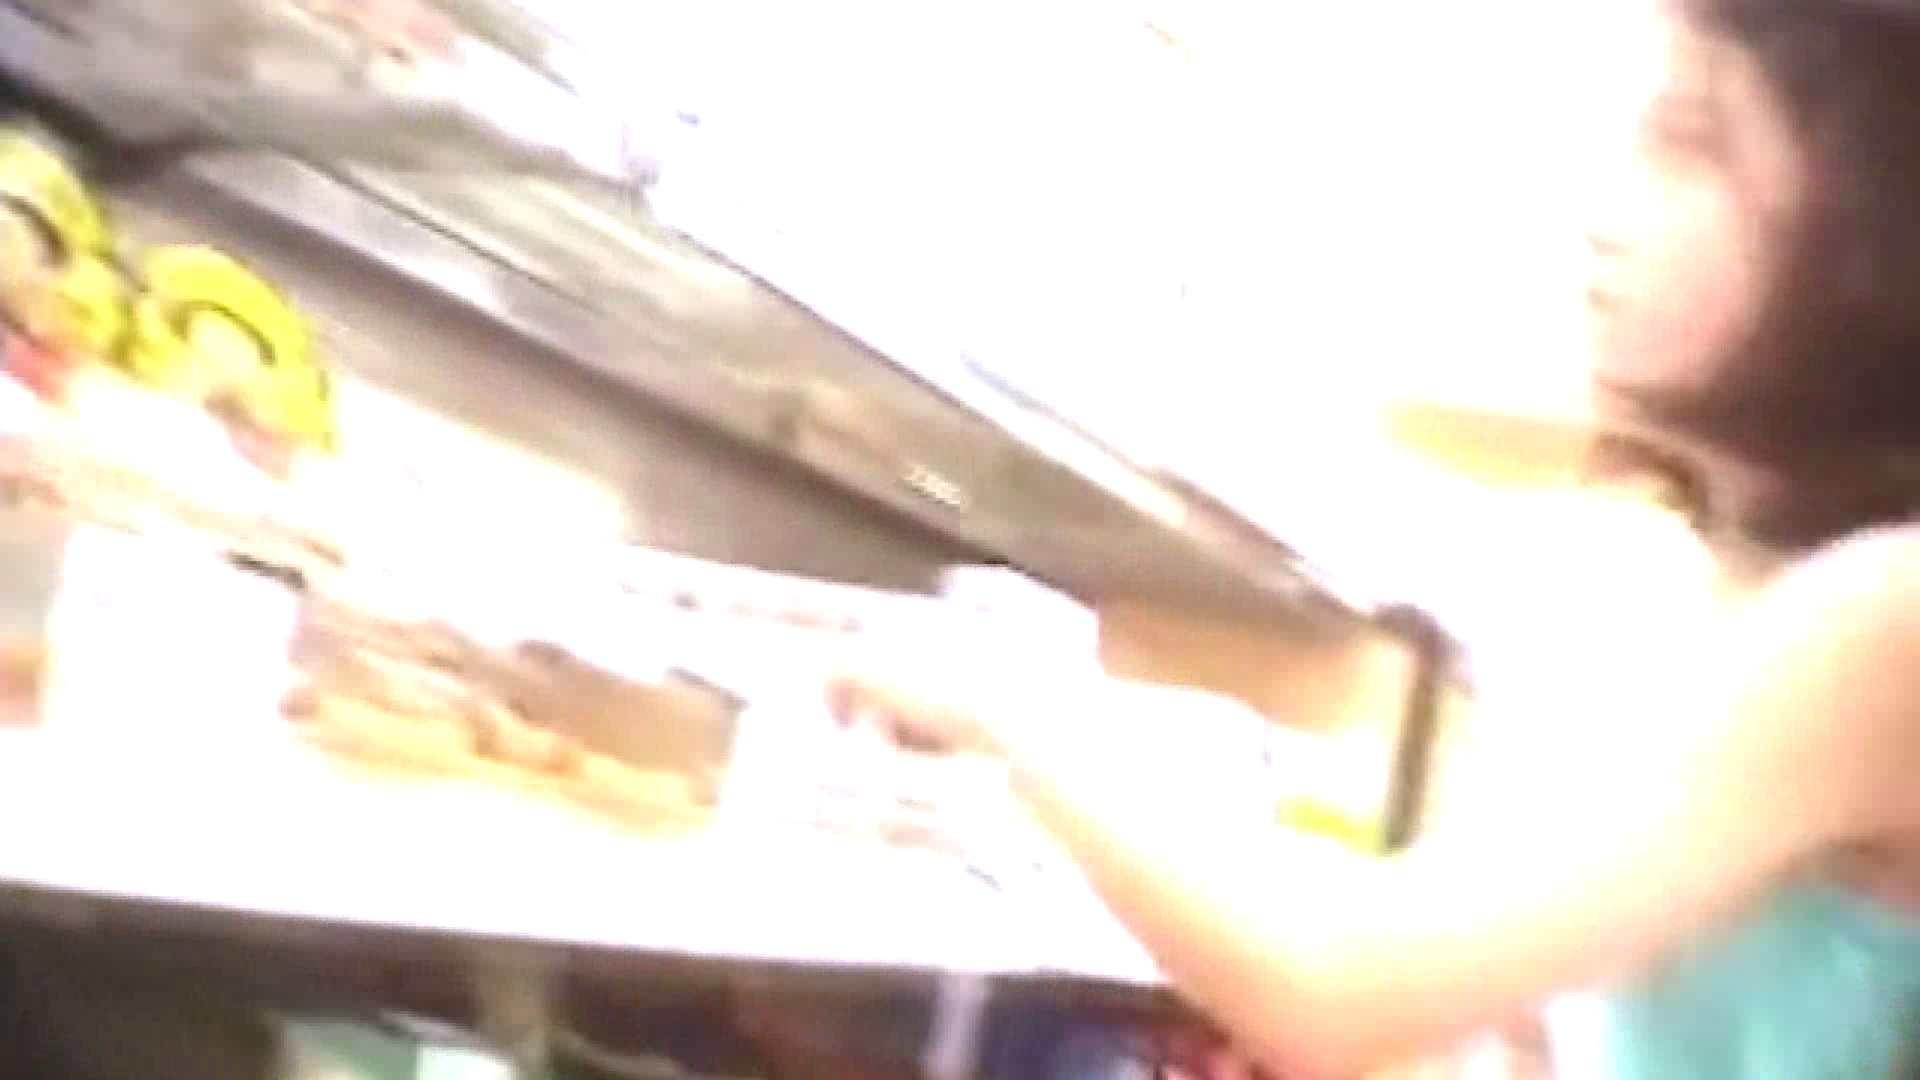 真剣に買い物中のgal達を上から下から狙います。vol.02 フェチ オメコ動画キャプチャ 63pic 39